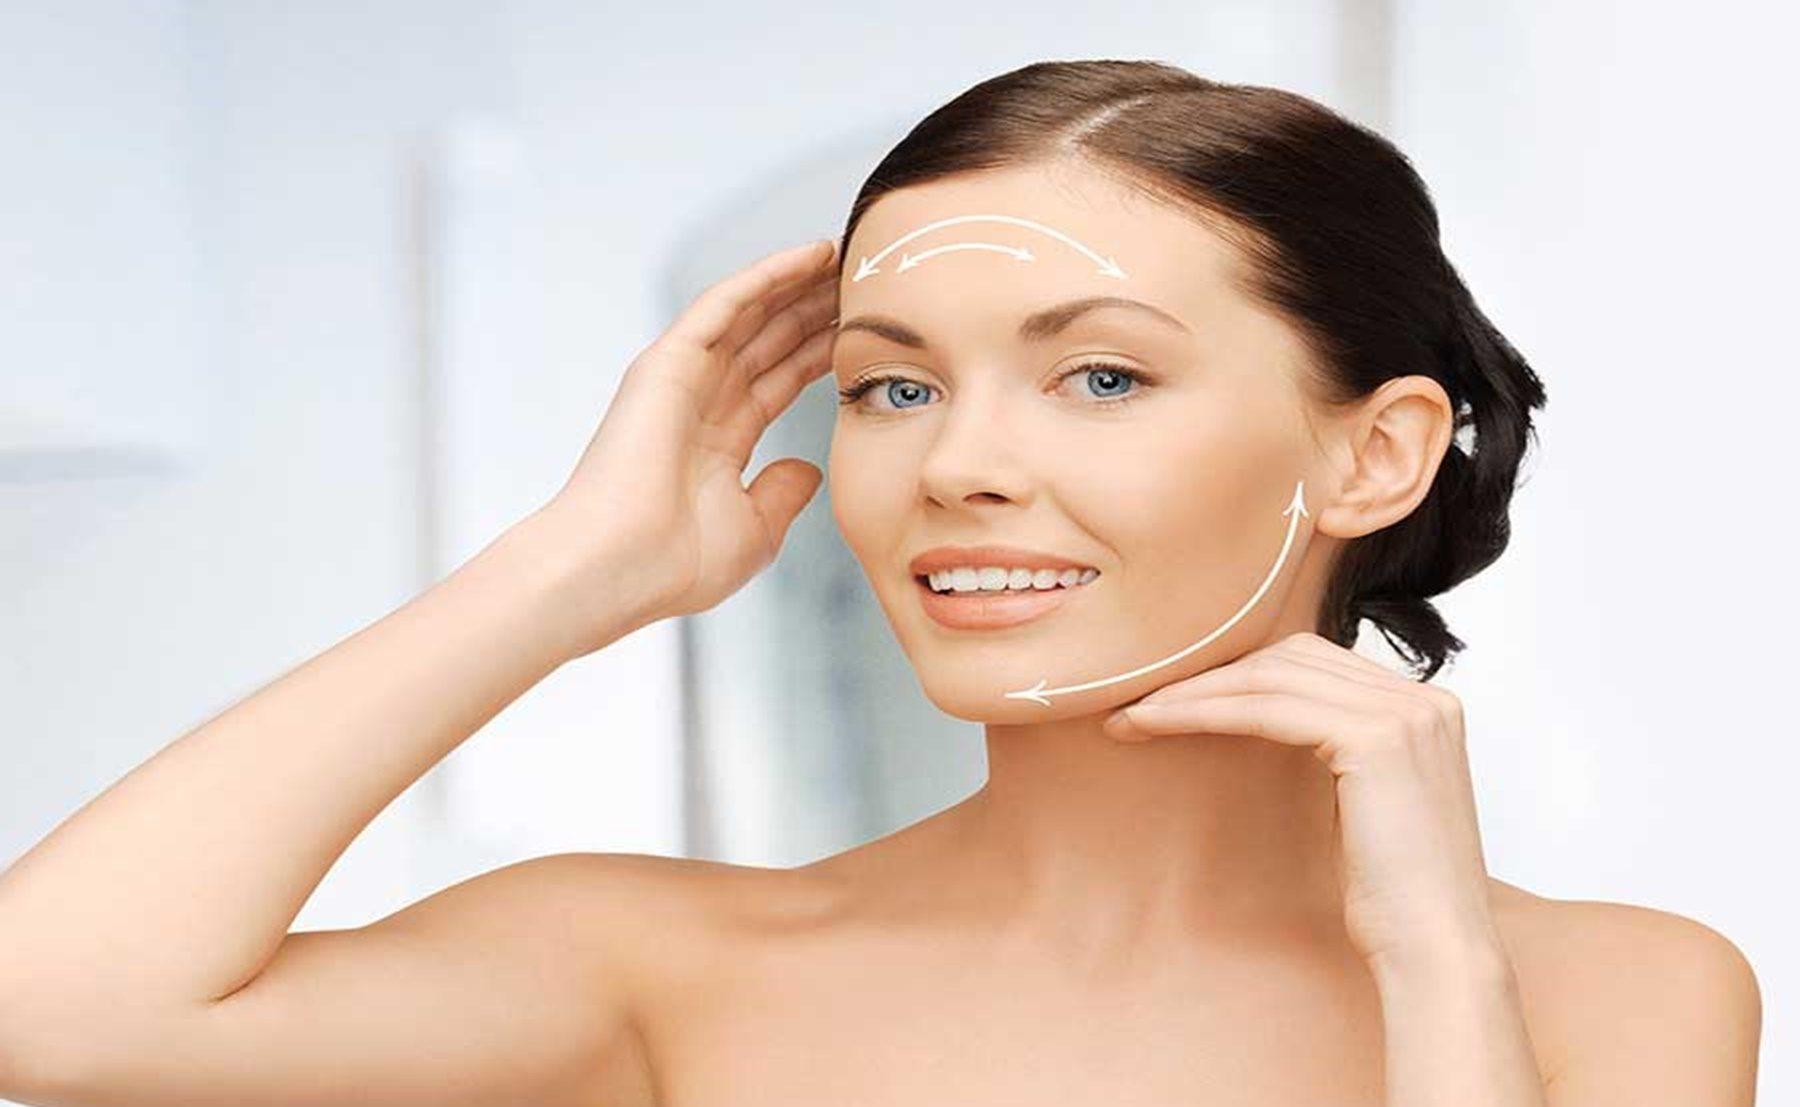 Θεραπεία υπερήχων υψηλής έντασης : Τα οφέλη της στην επιδερμίδα